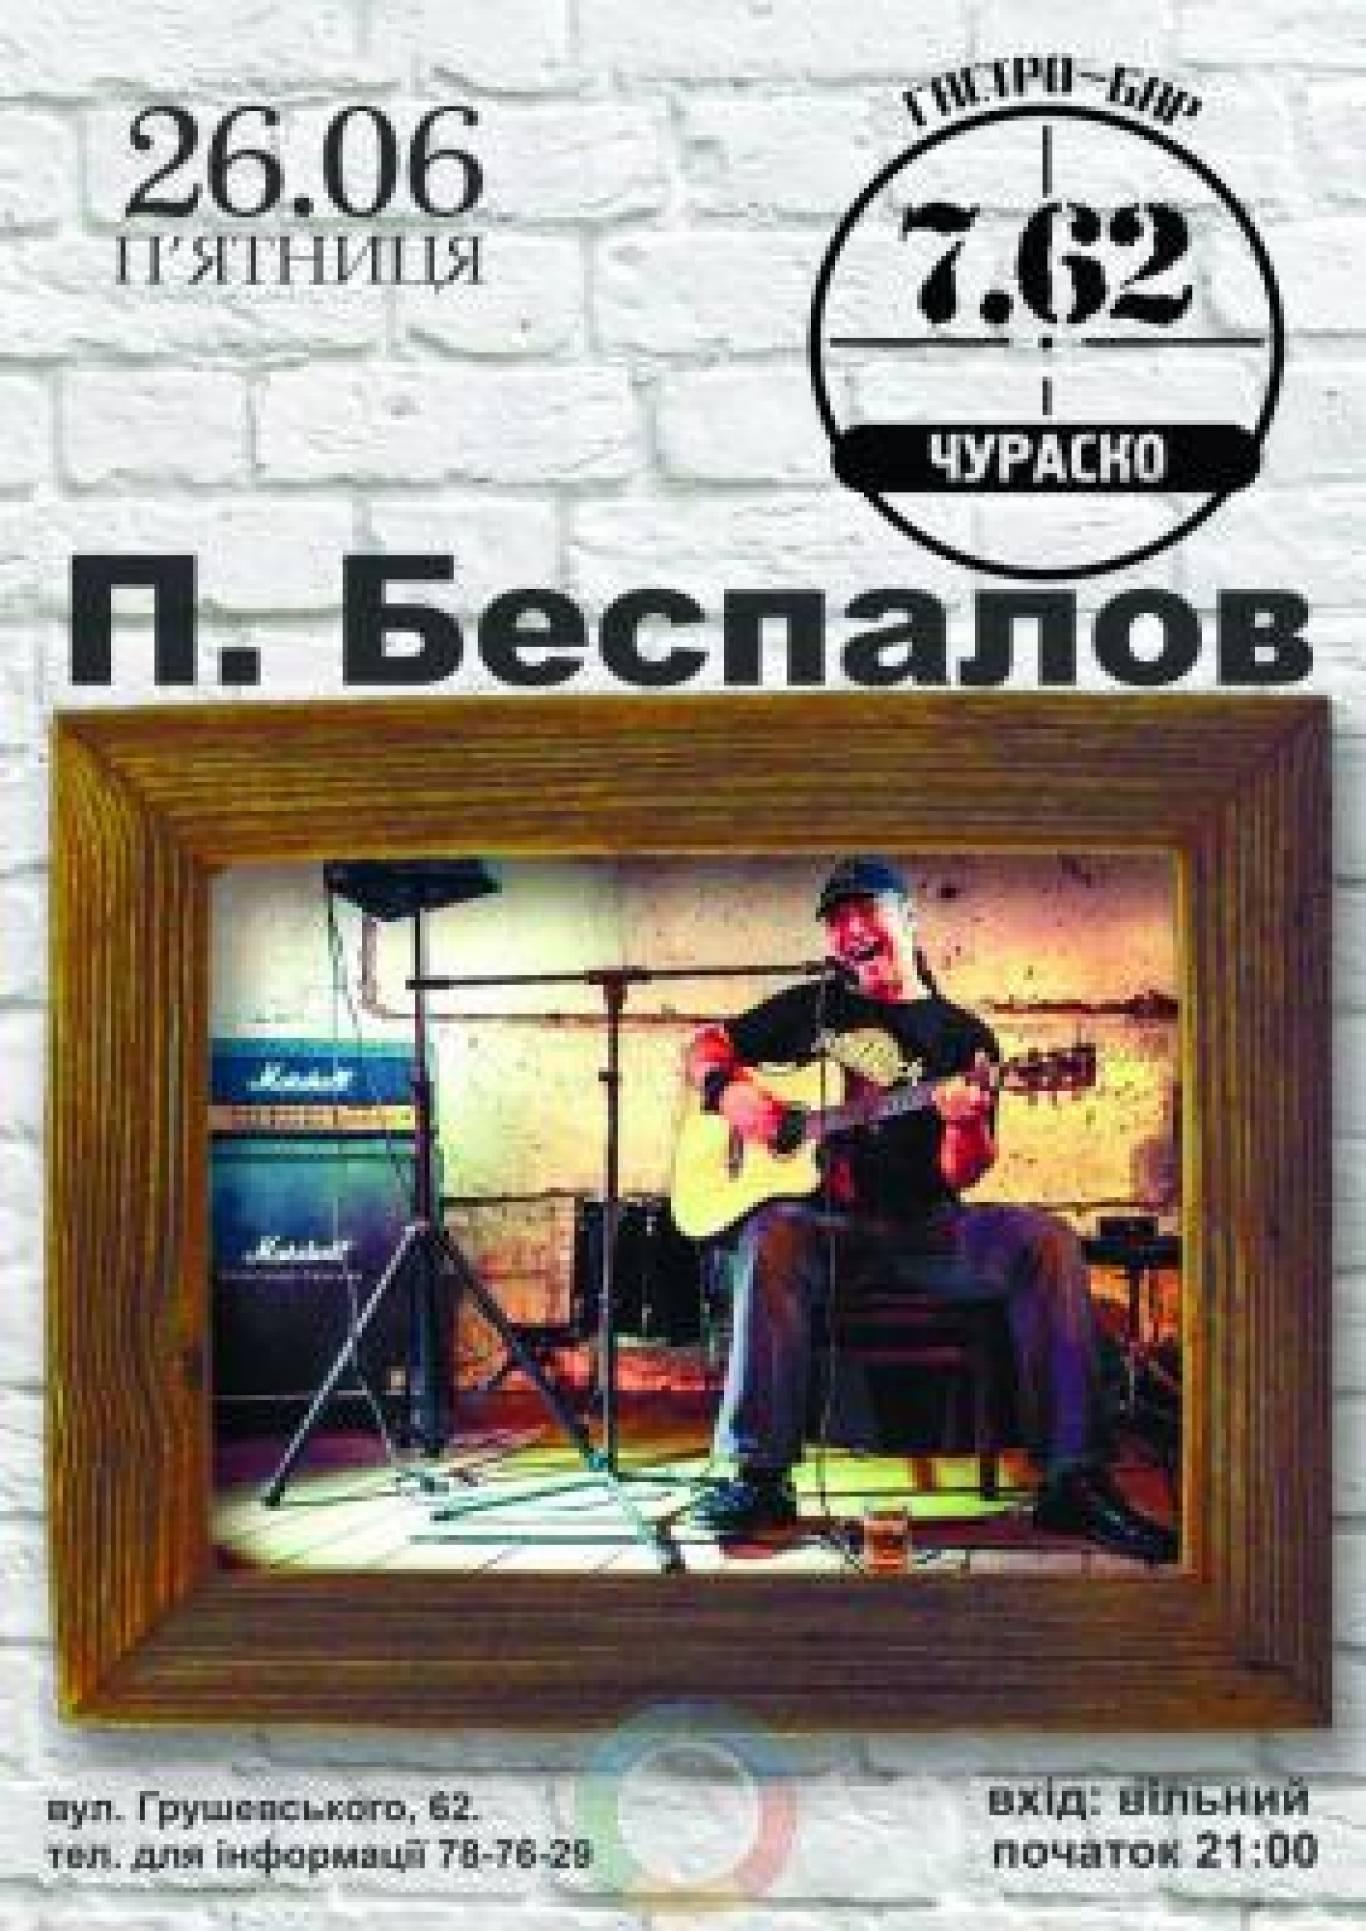 Акустичний вечір Петра Беспалова